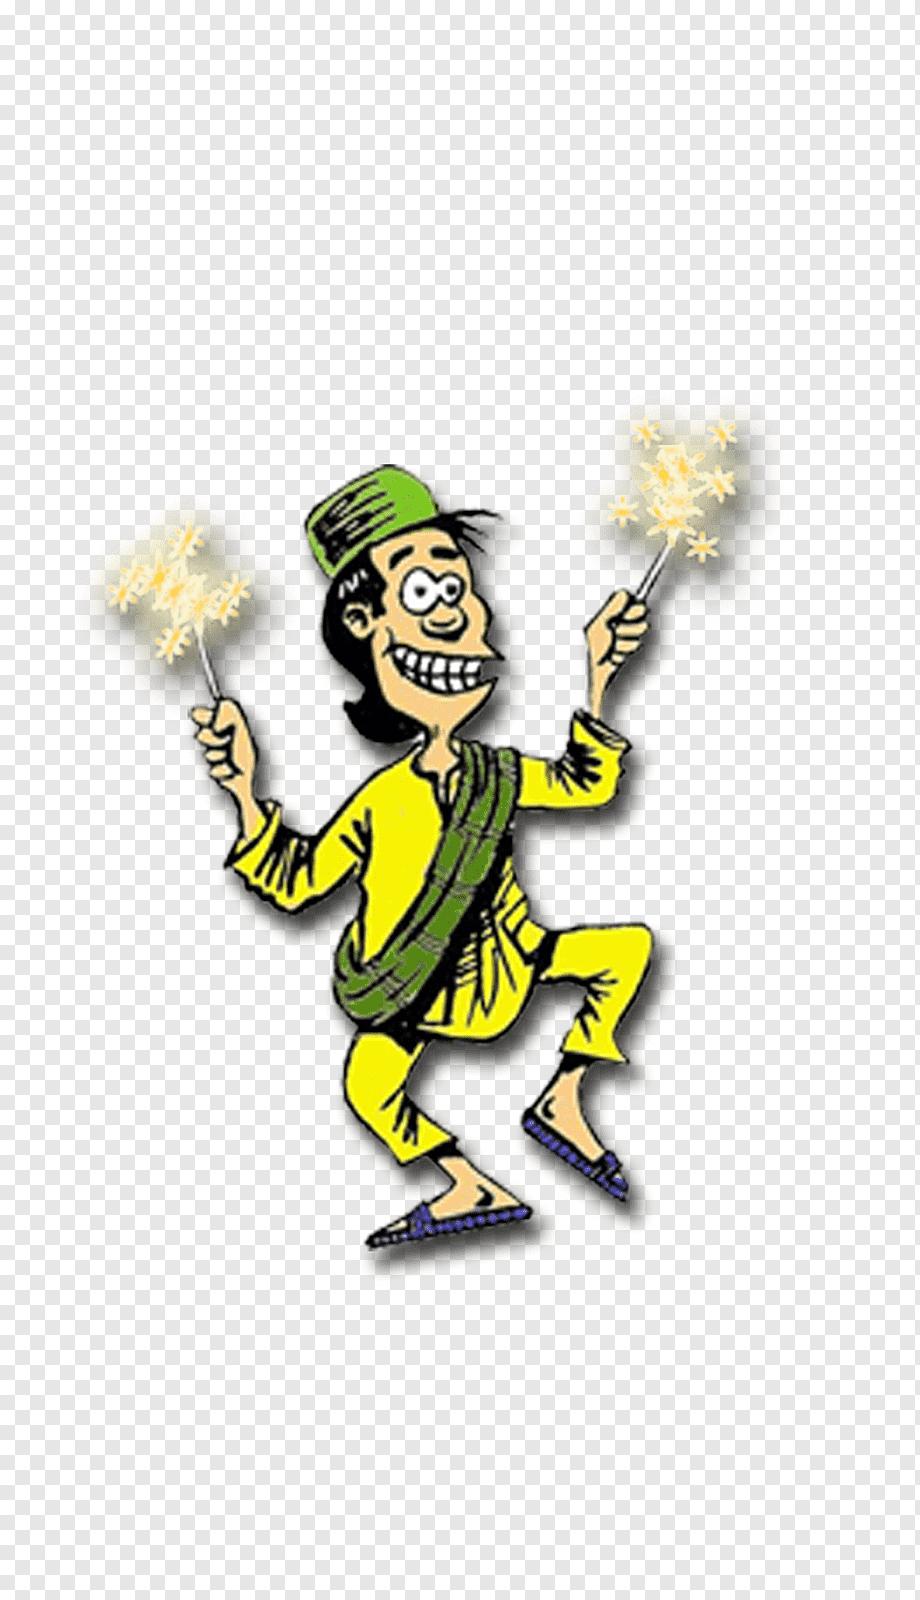 Pria Bermain Dengan Ilustrasi Sprinkler Animasi Kartun Ketupat